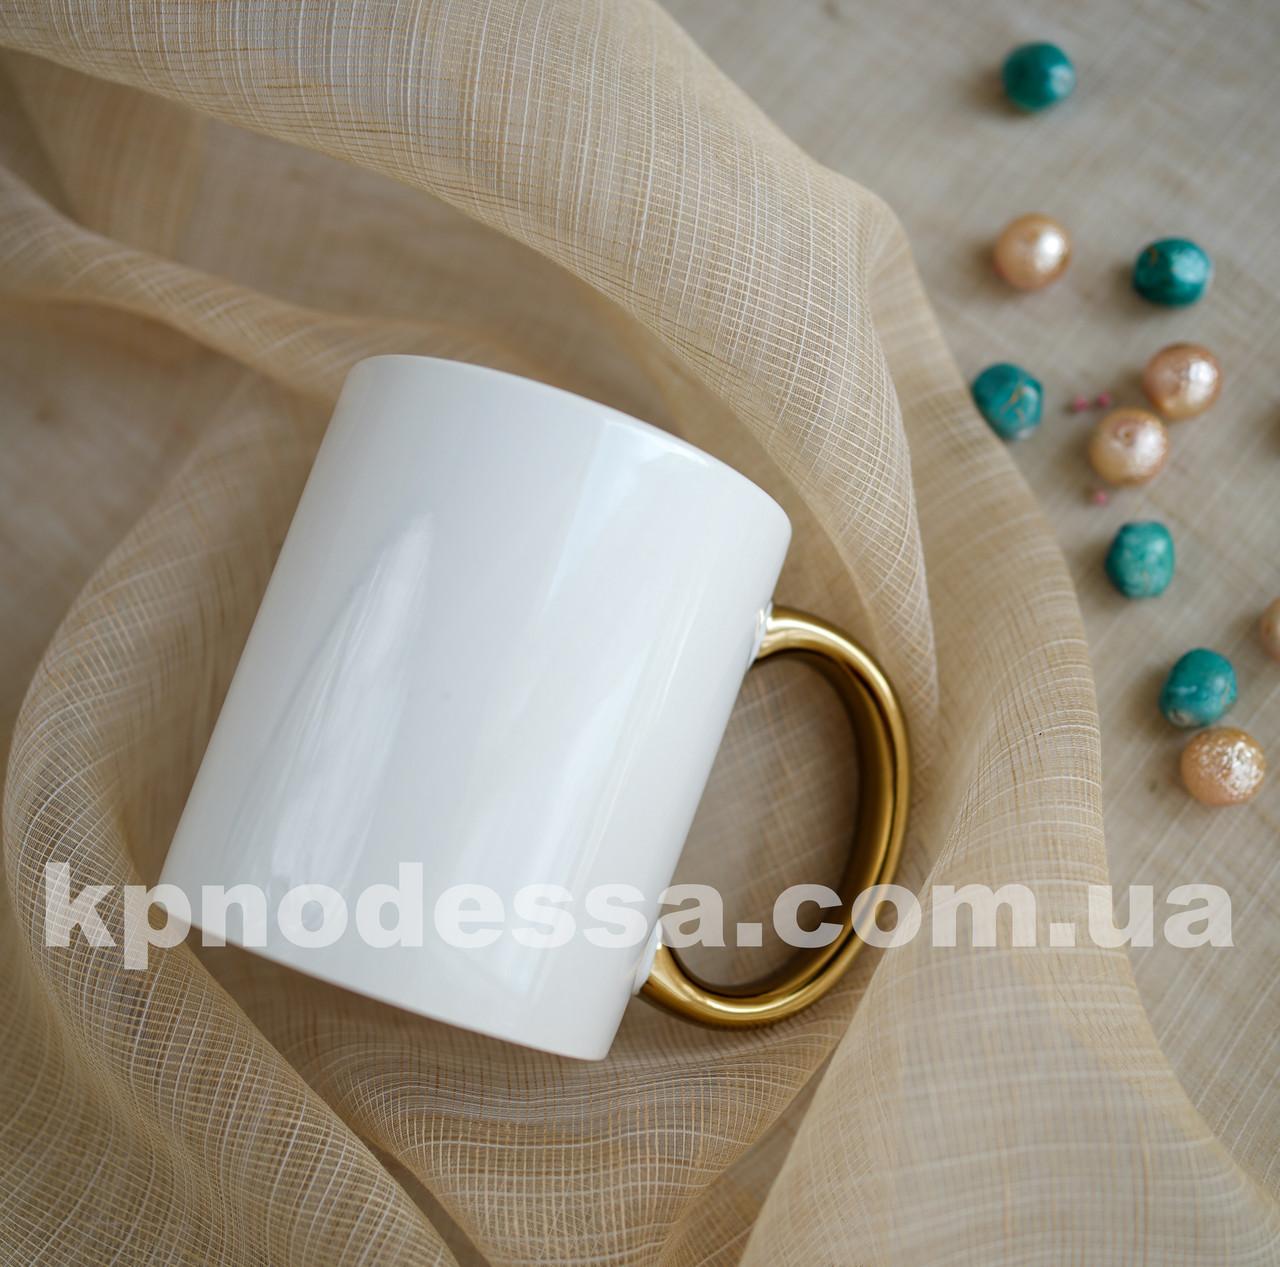 Белая чашка с золотой ручкой с вашим фото или изображением любой сложности.